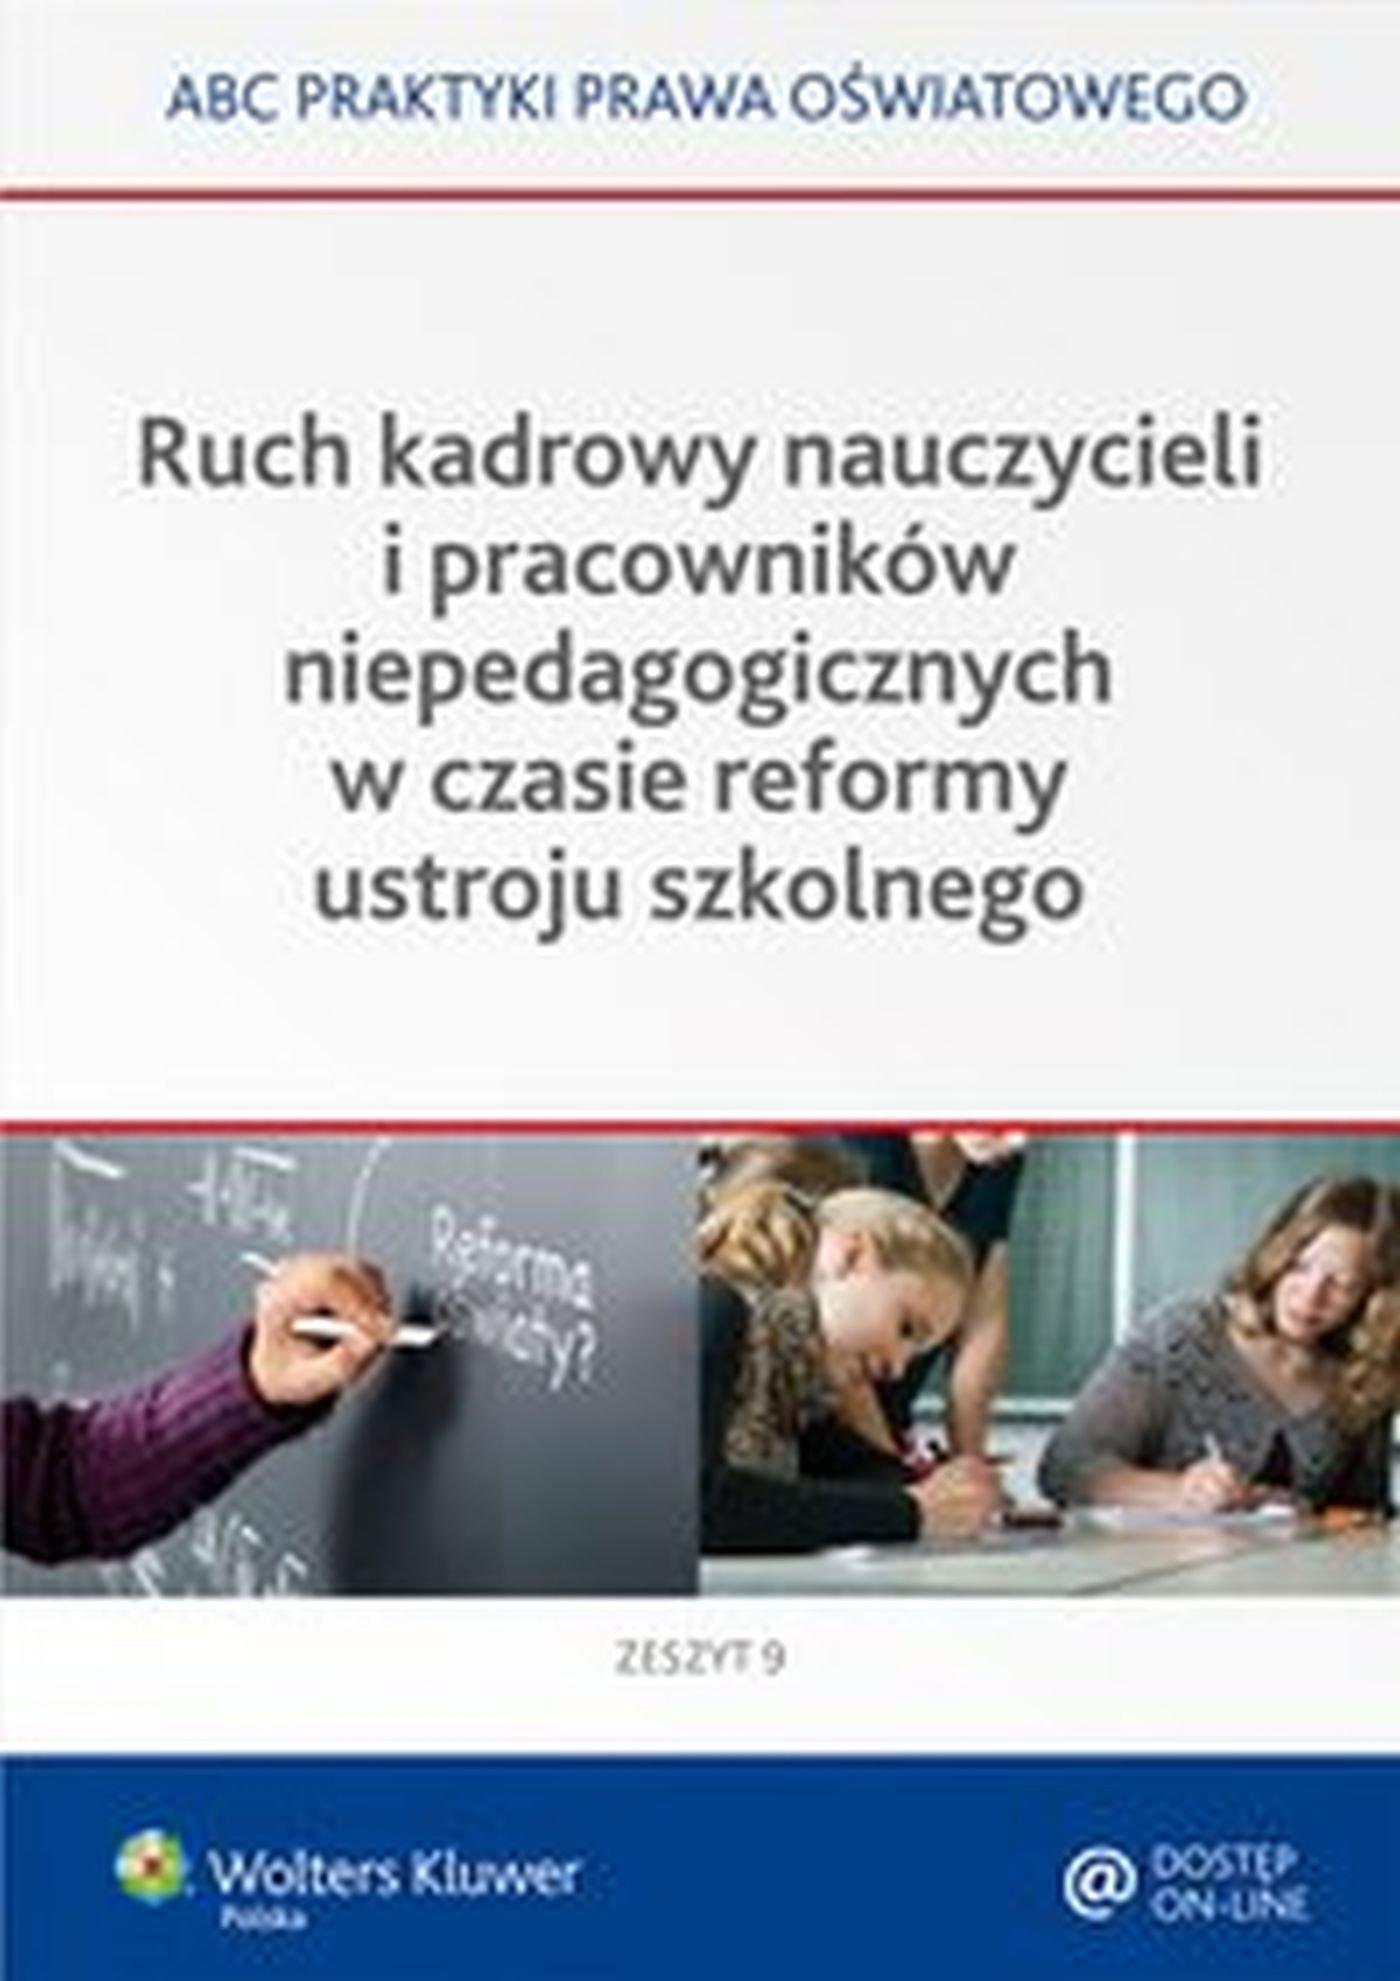 Ruch kadrowy nauczycieli i pracowników niepedagogicznych w czasie reformy ustroju szkolnego - Ebook (Książka EPUB) do pobrania w formacie EPUB